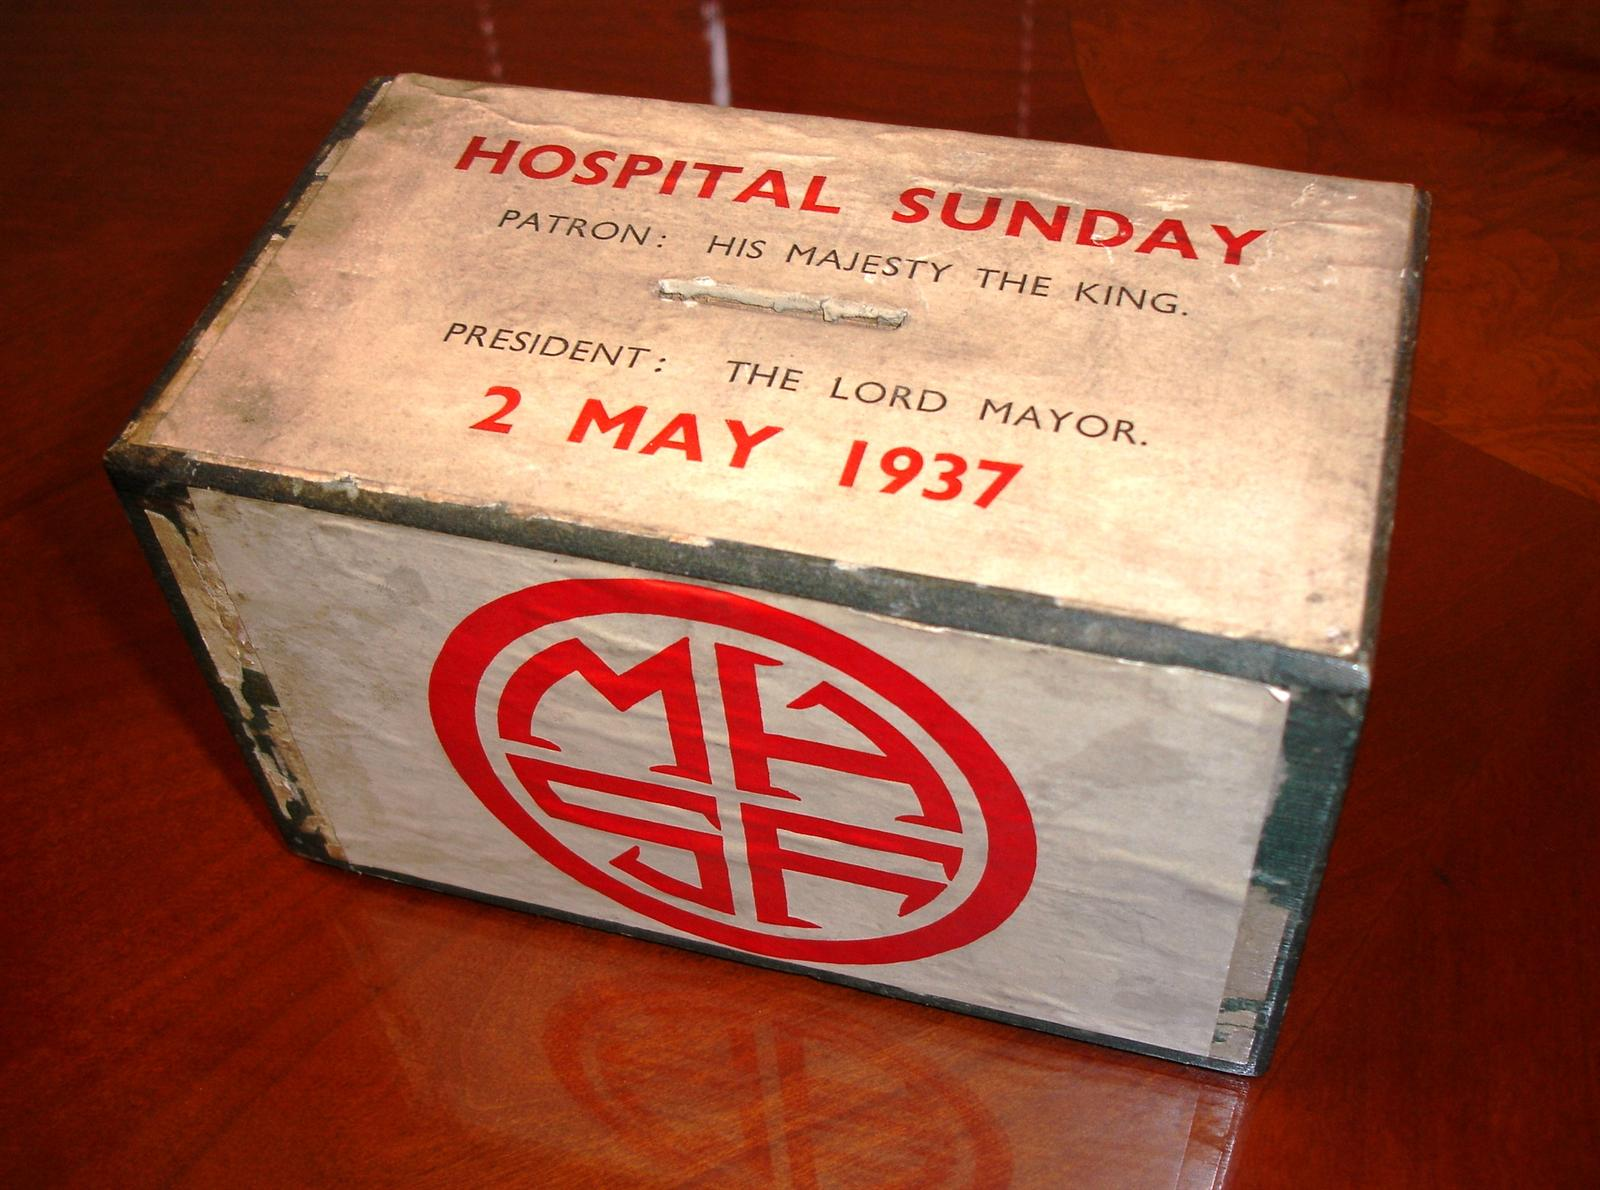 Hospital Sunday